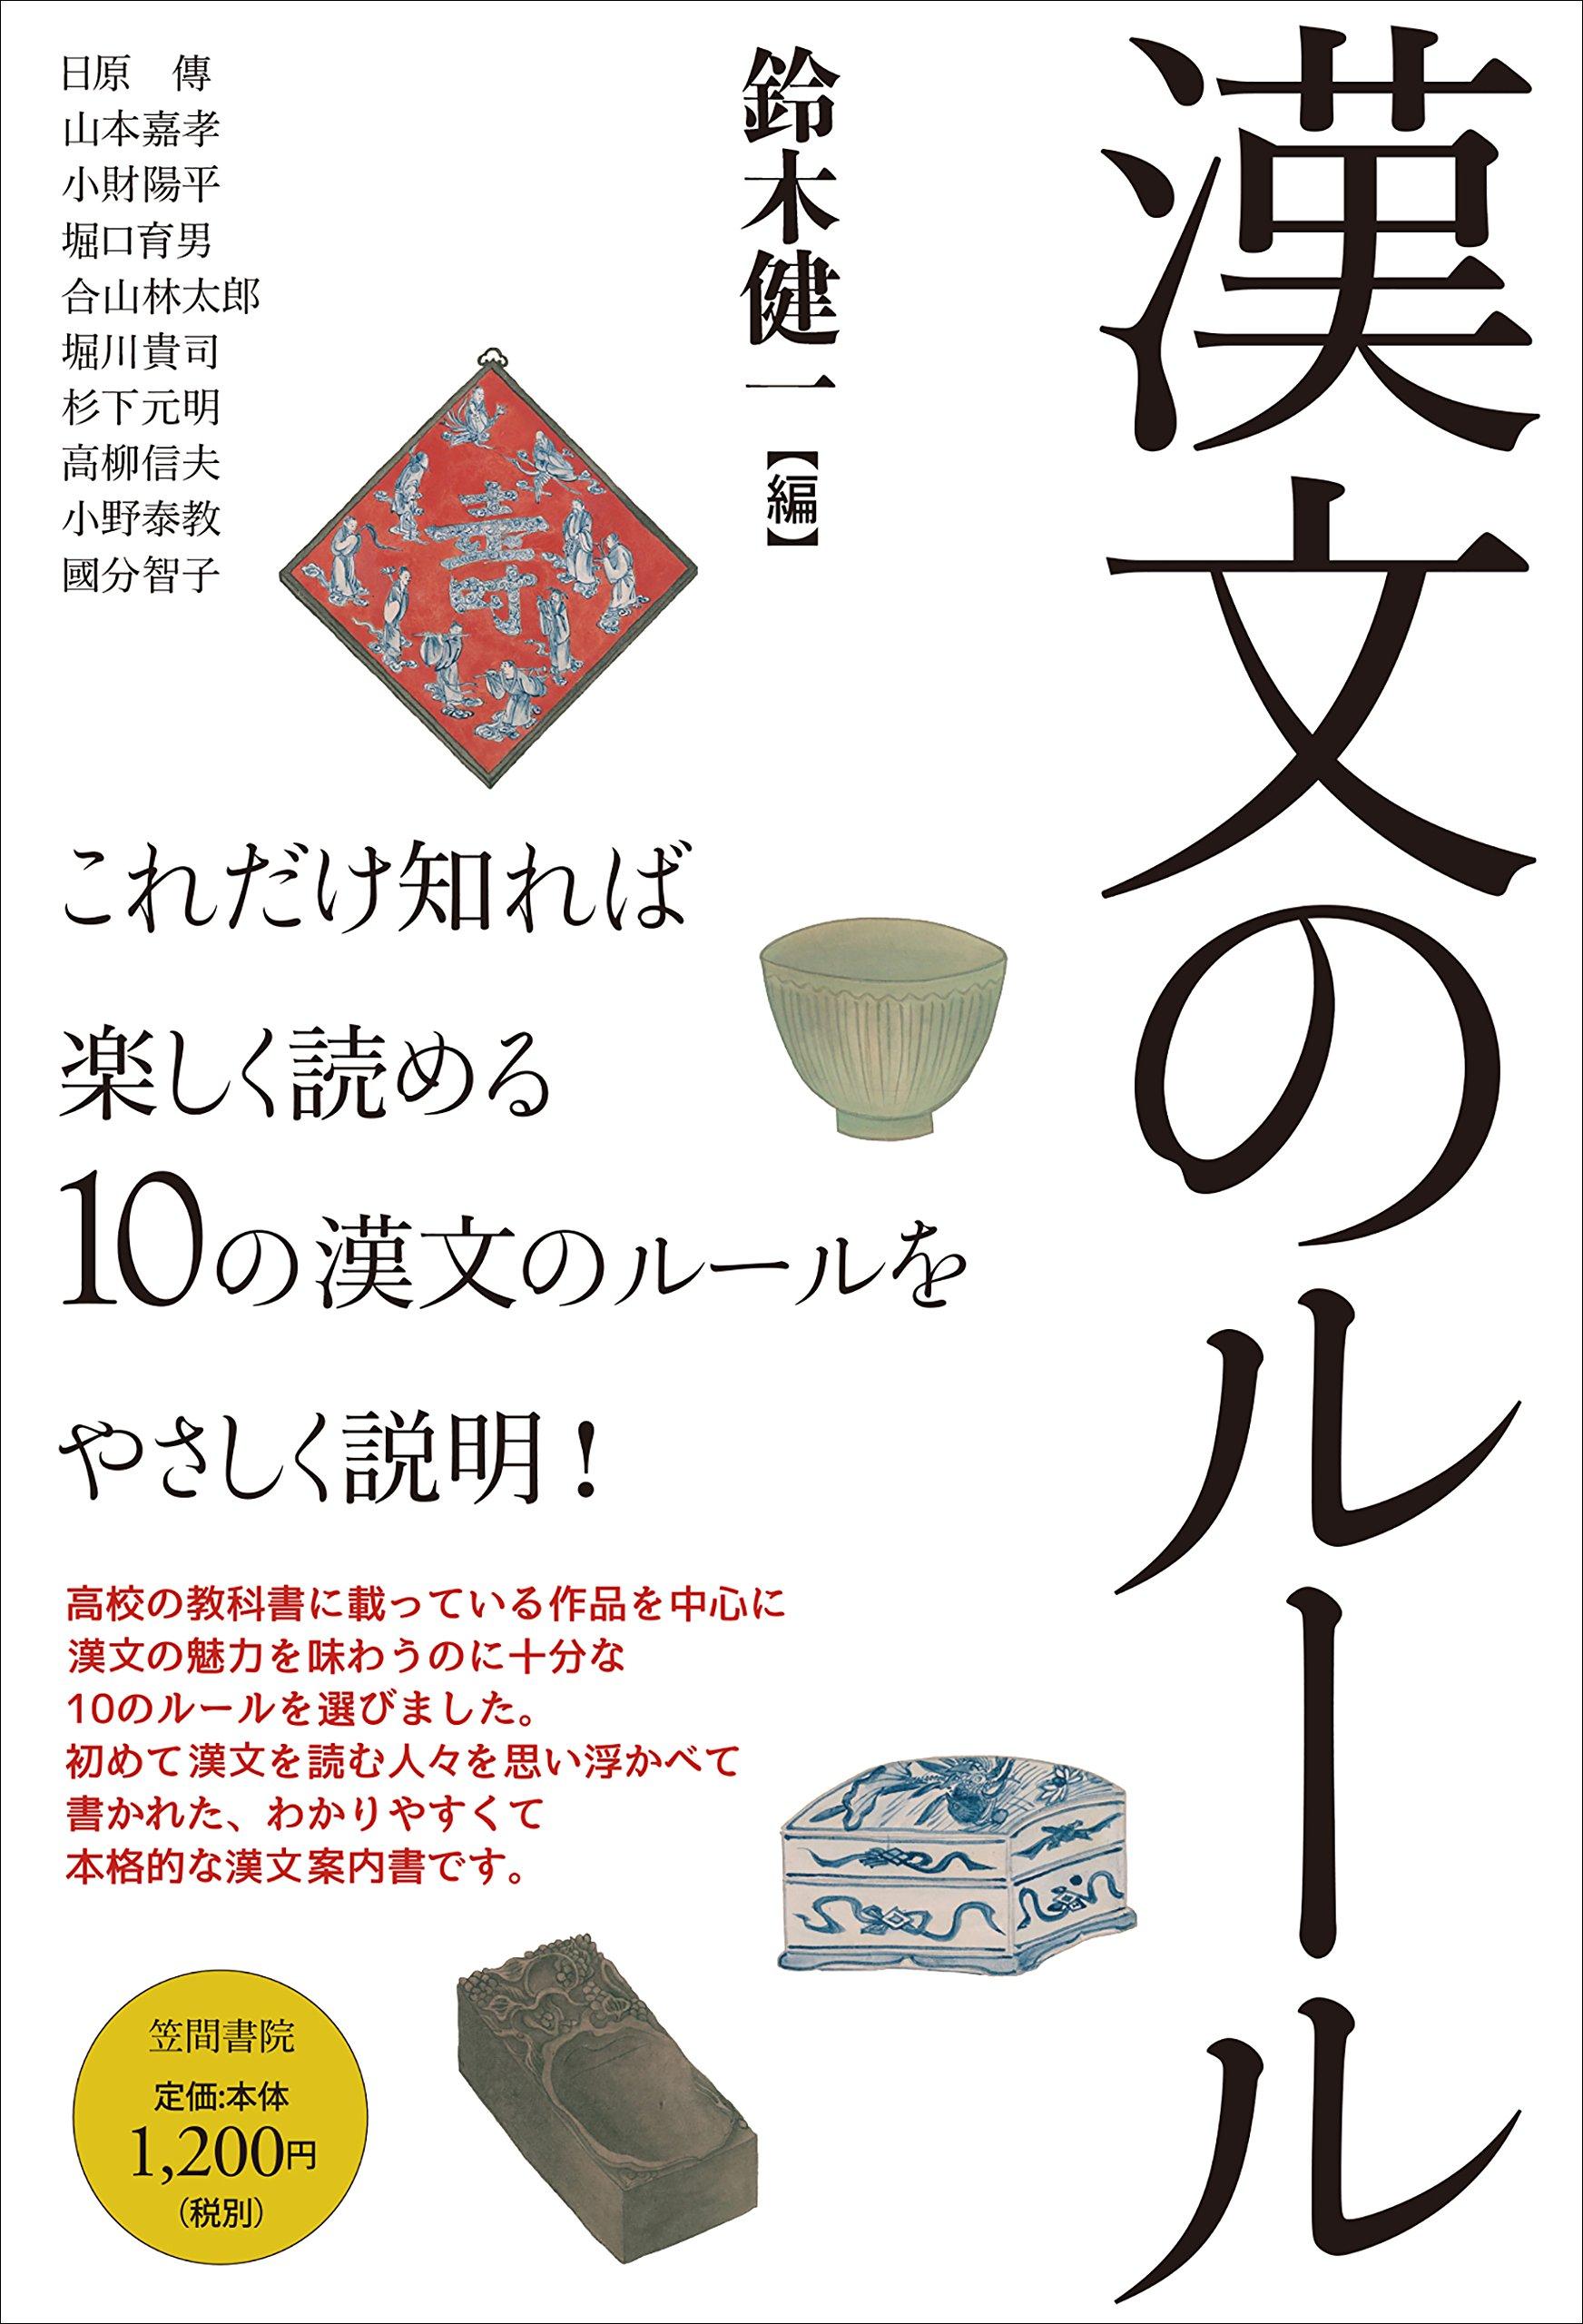 漢文のルール | 健一, 鈴木 |本 | 通販 | Amazon